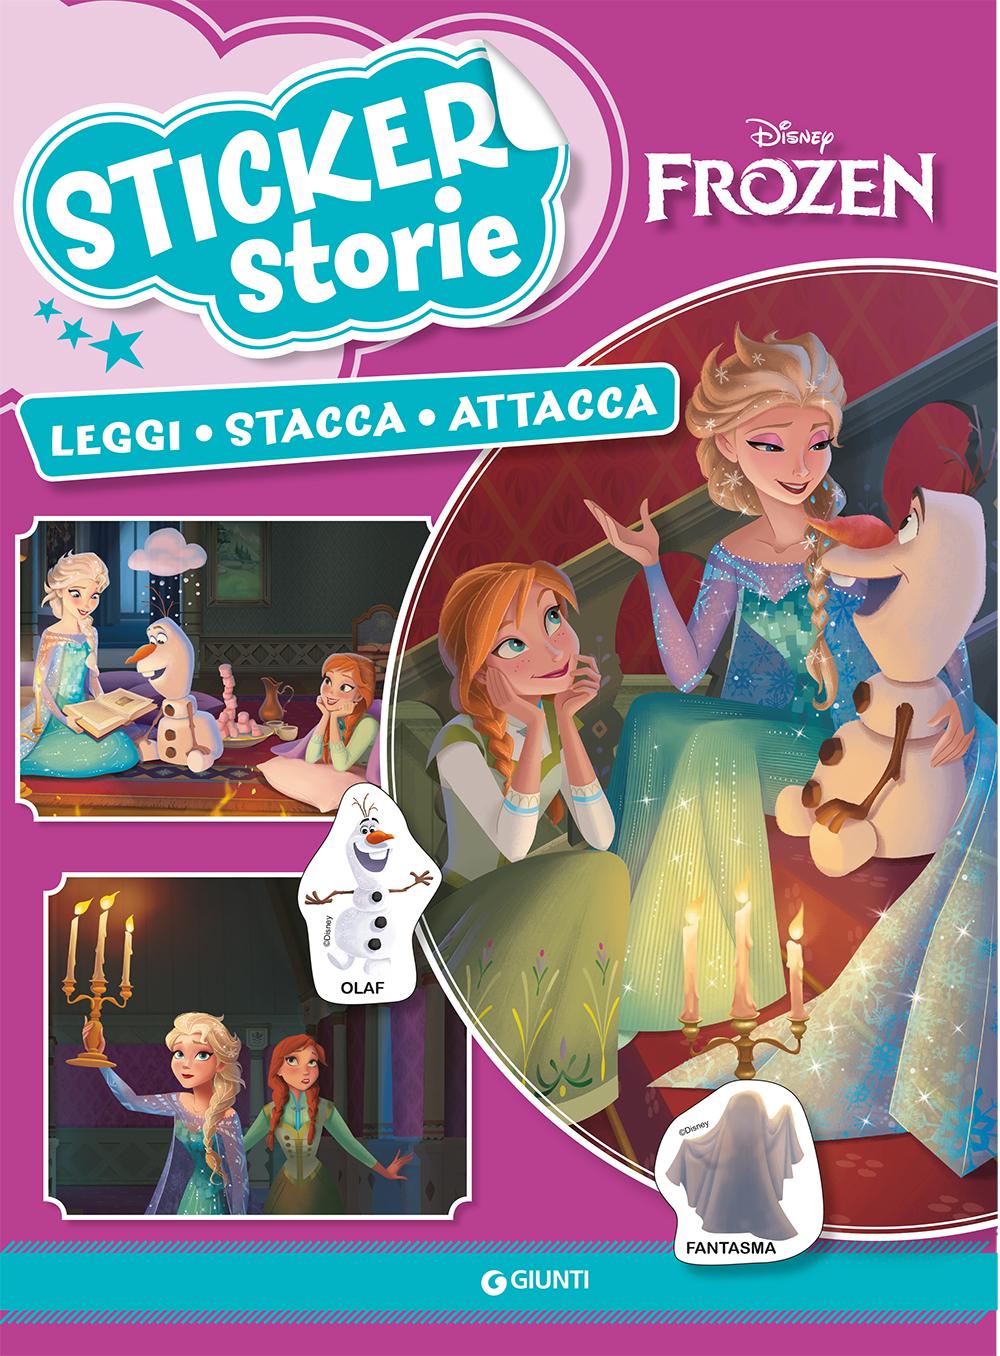 Sticker Storie - Frozen